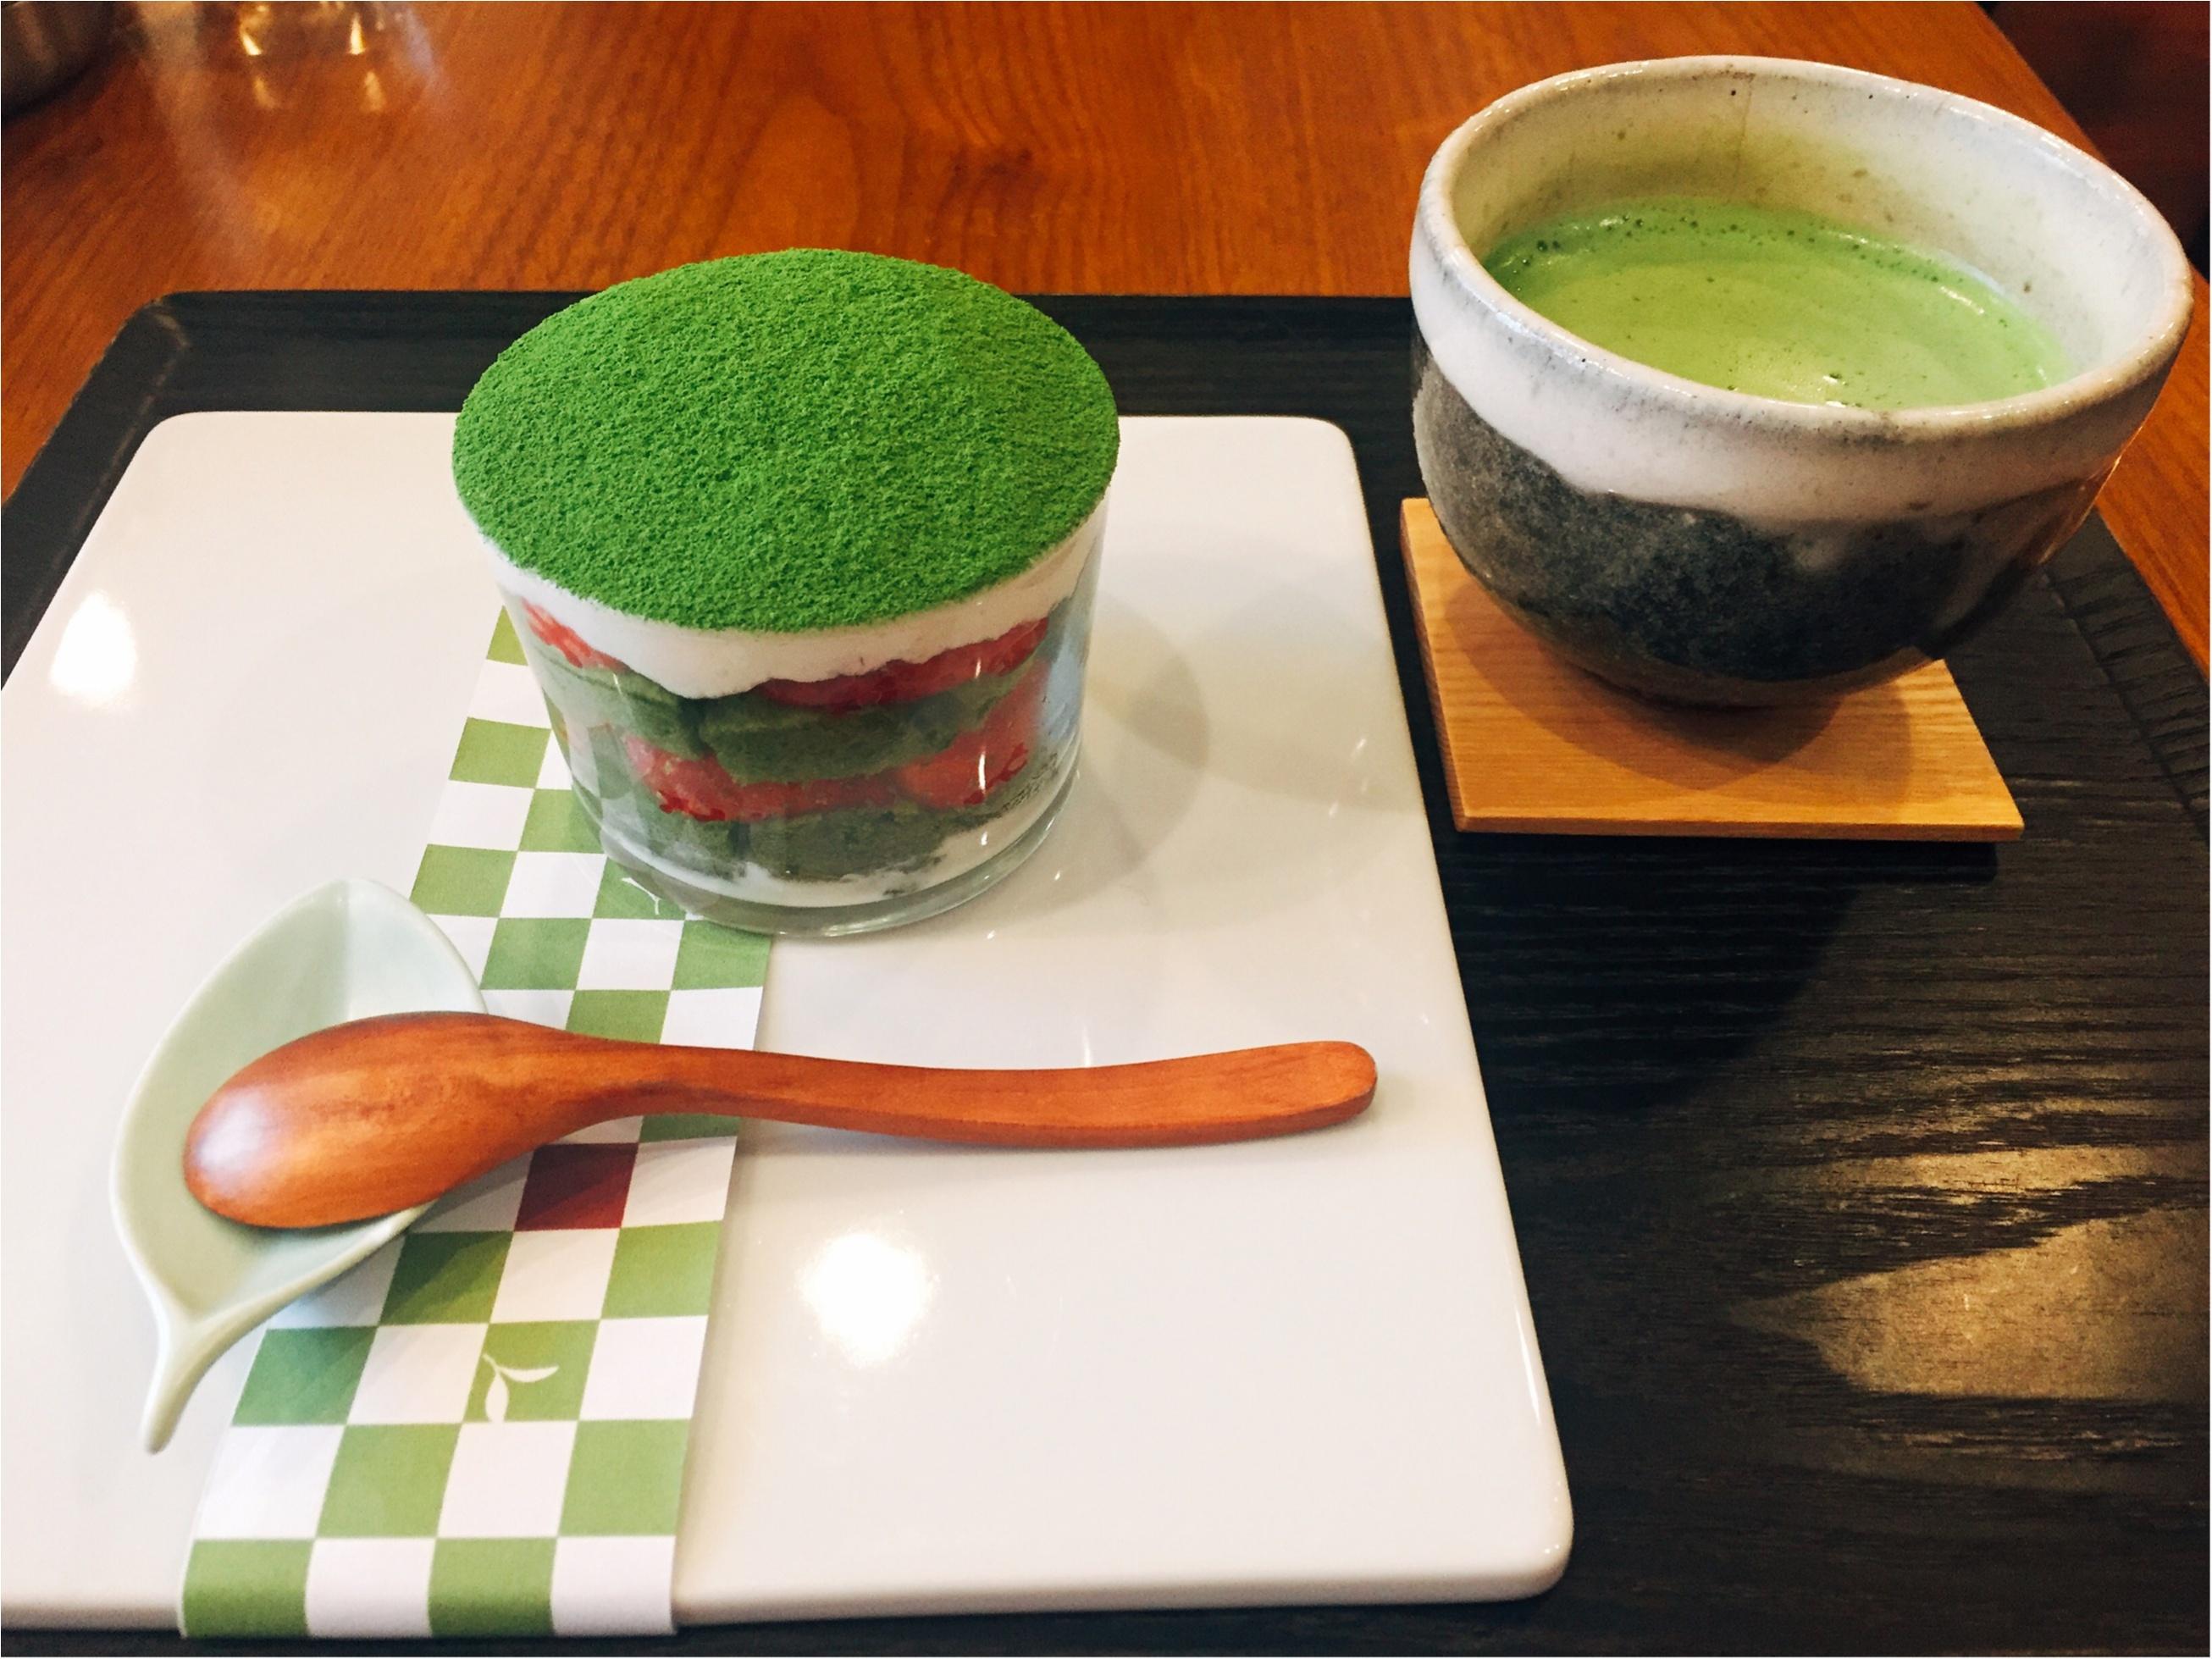 【表参道】日本茶が楽しめるカフェ♡期間限定《苺いり抹茶ティラミス》を食べに行きました♩_8_2